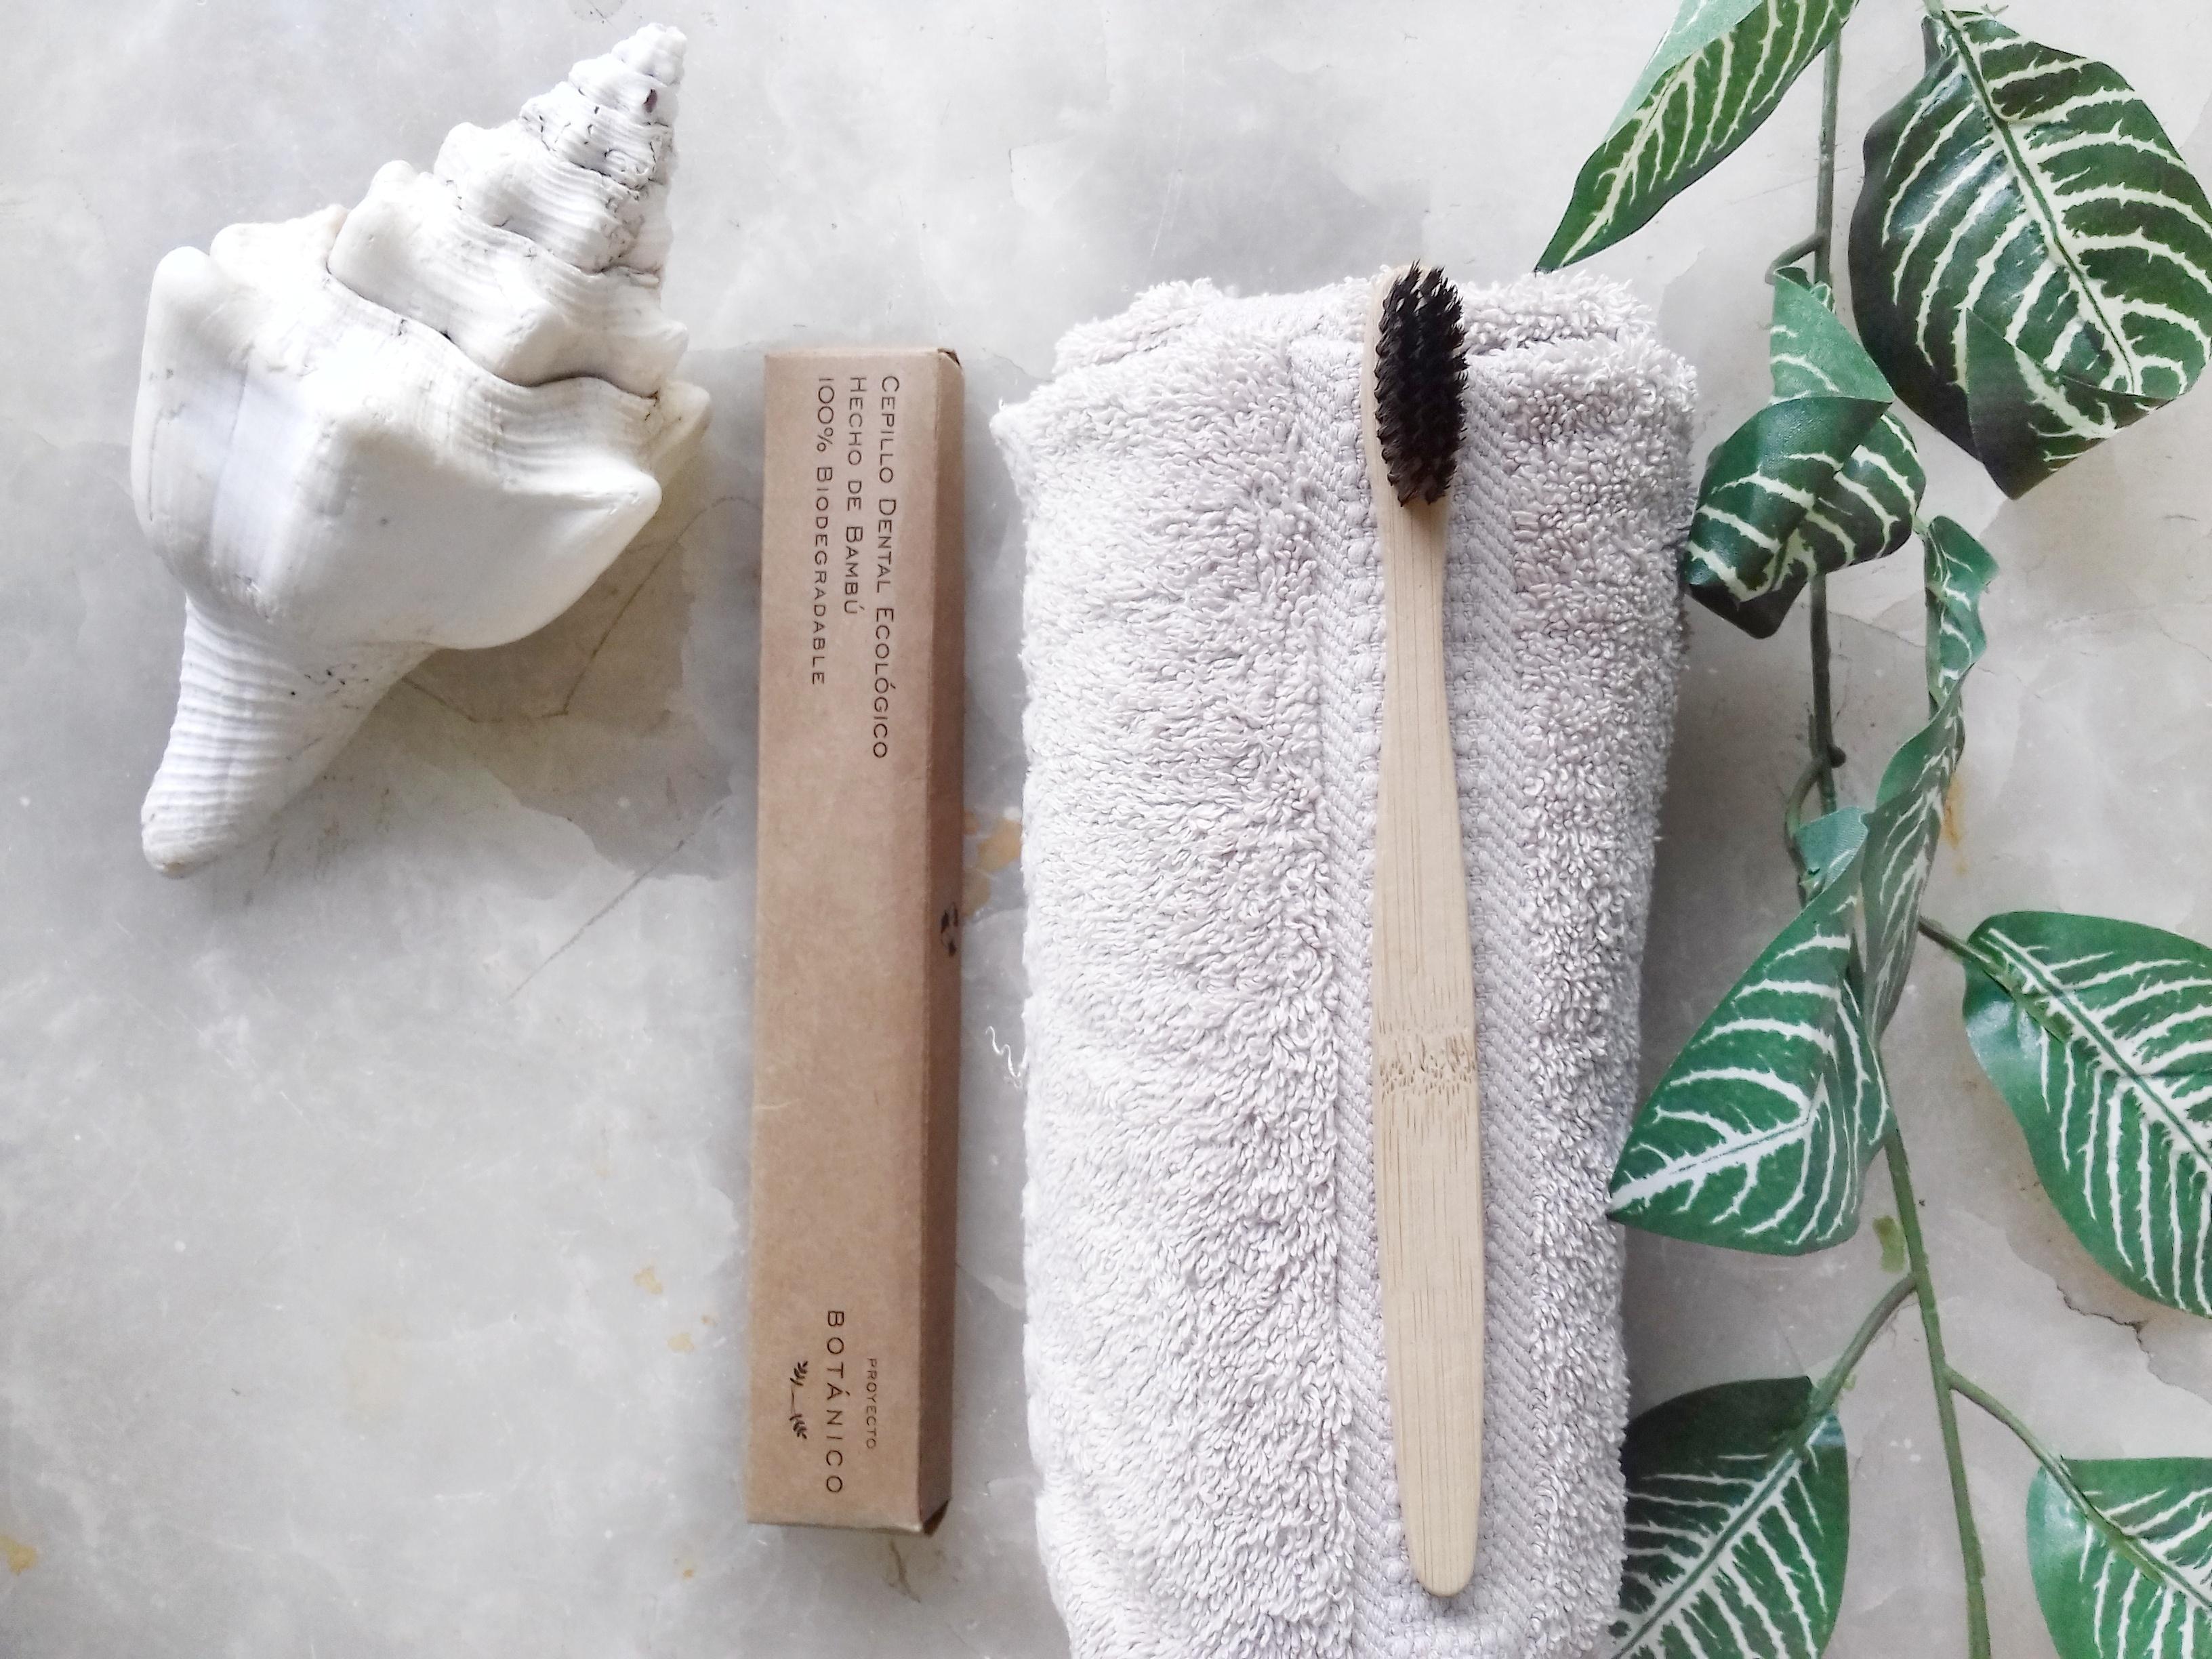 cepillo de dientes ecologico bambo